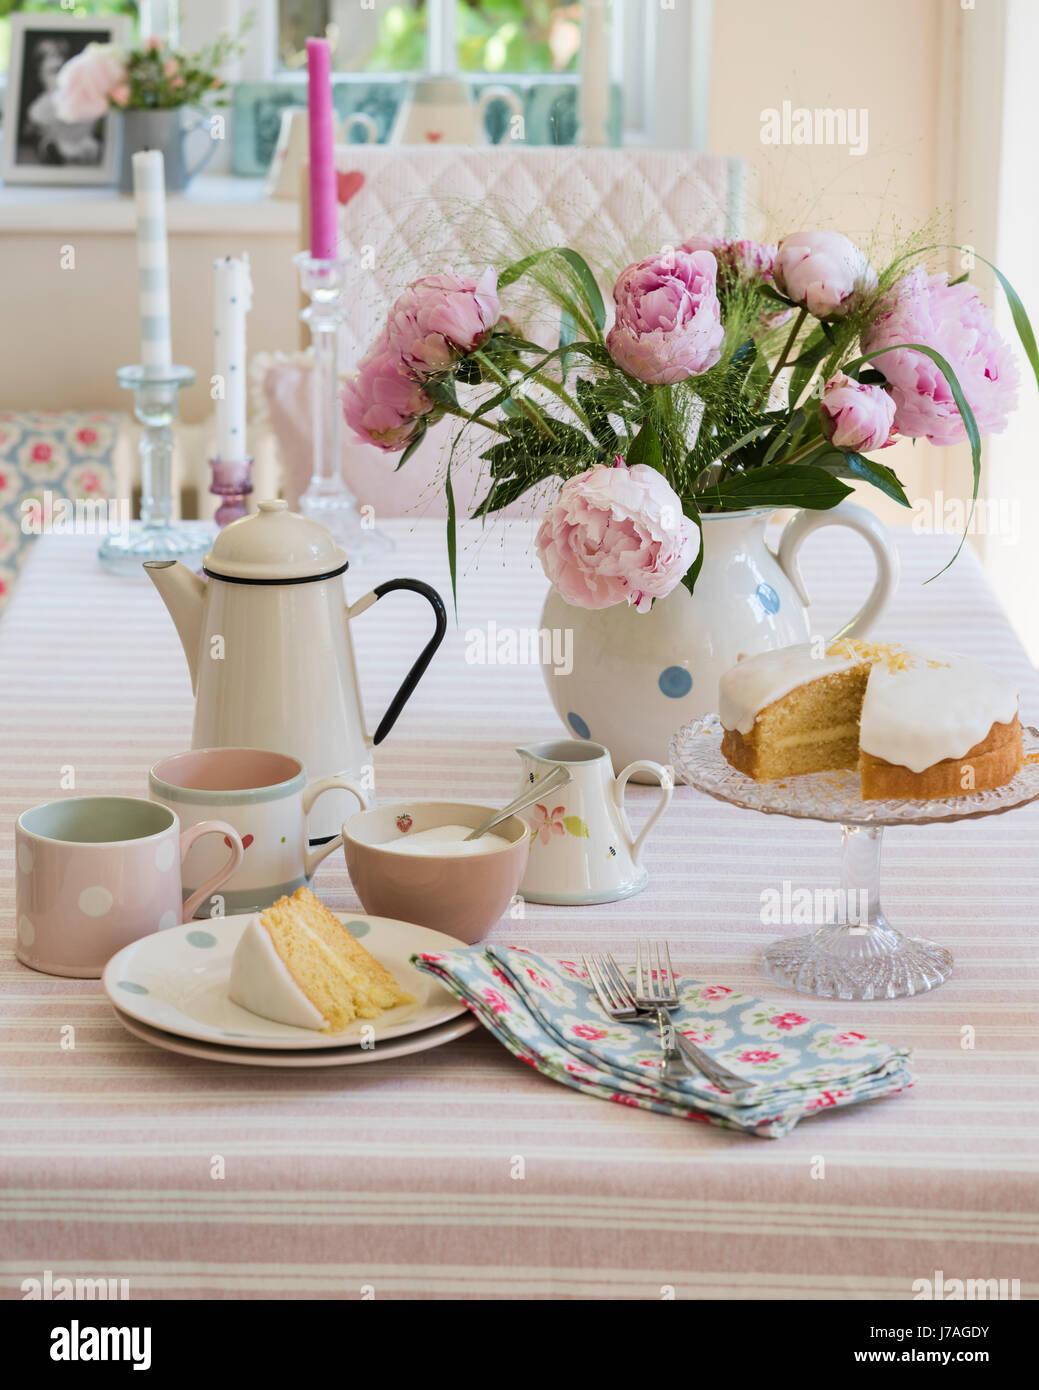 Pan di spagna, smalto teiera e peonie rosa sul tavolo rigato stoffa da Susie Watson Designs Immagini Stock